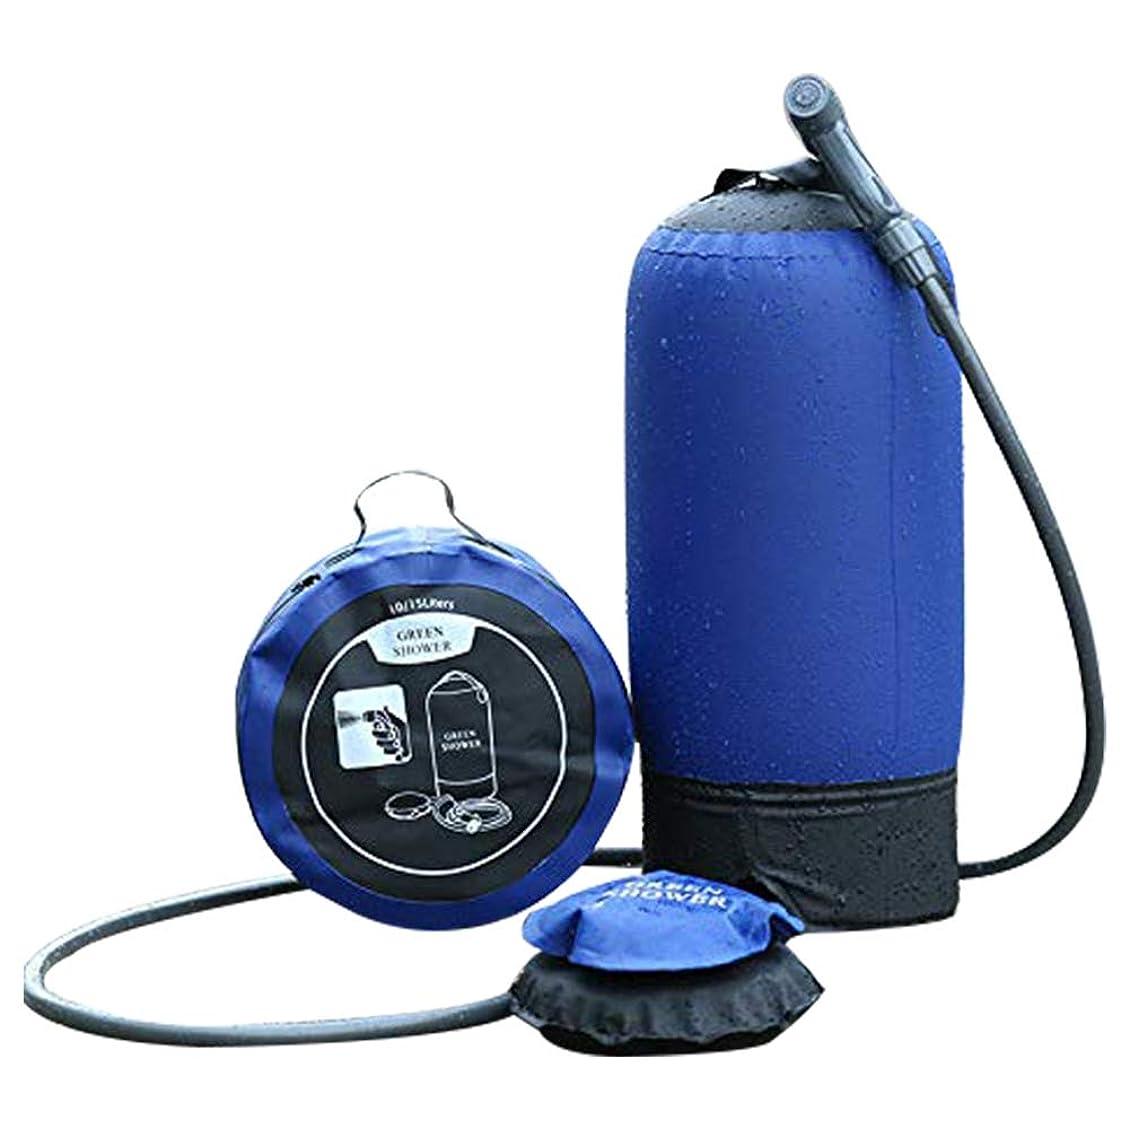 草探偵休暇ポータブルシャワー アウトドアシャワー 簡易手動式シャワー 持ち運び キャンプ 旅行 ペットシャワー 防災 洗車